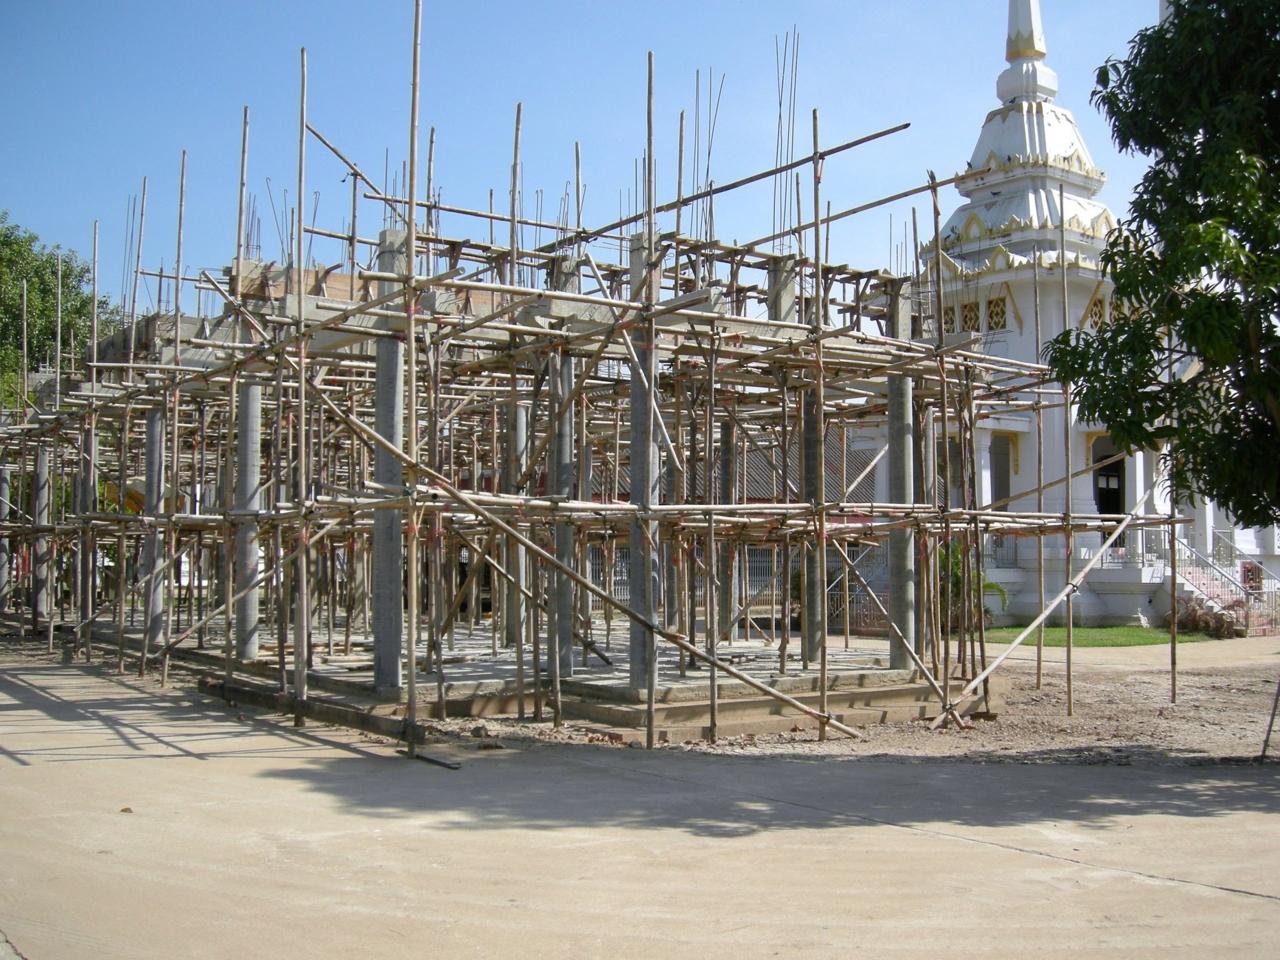 ศาลาการเปรียญที่กำลังก่อสร้าง